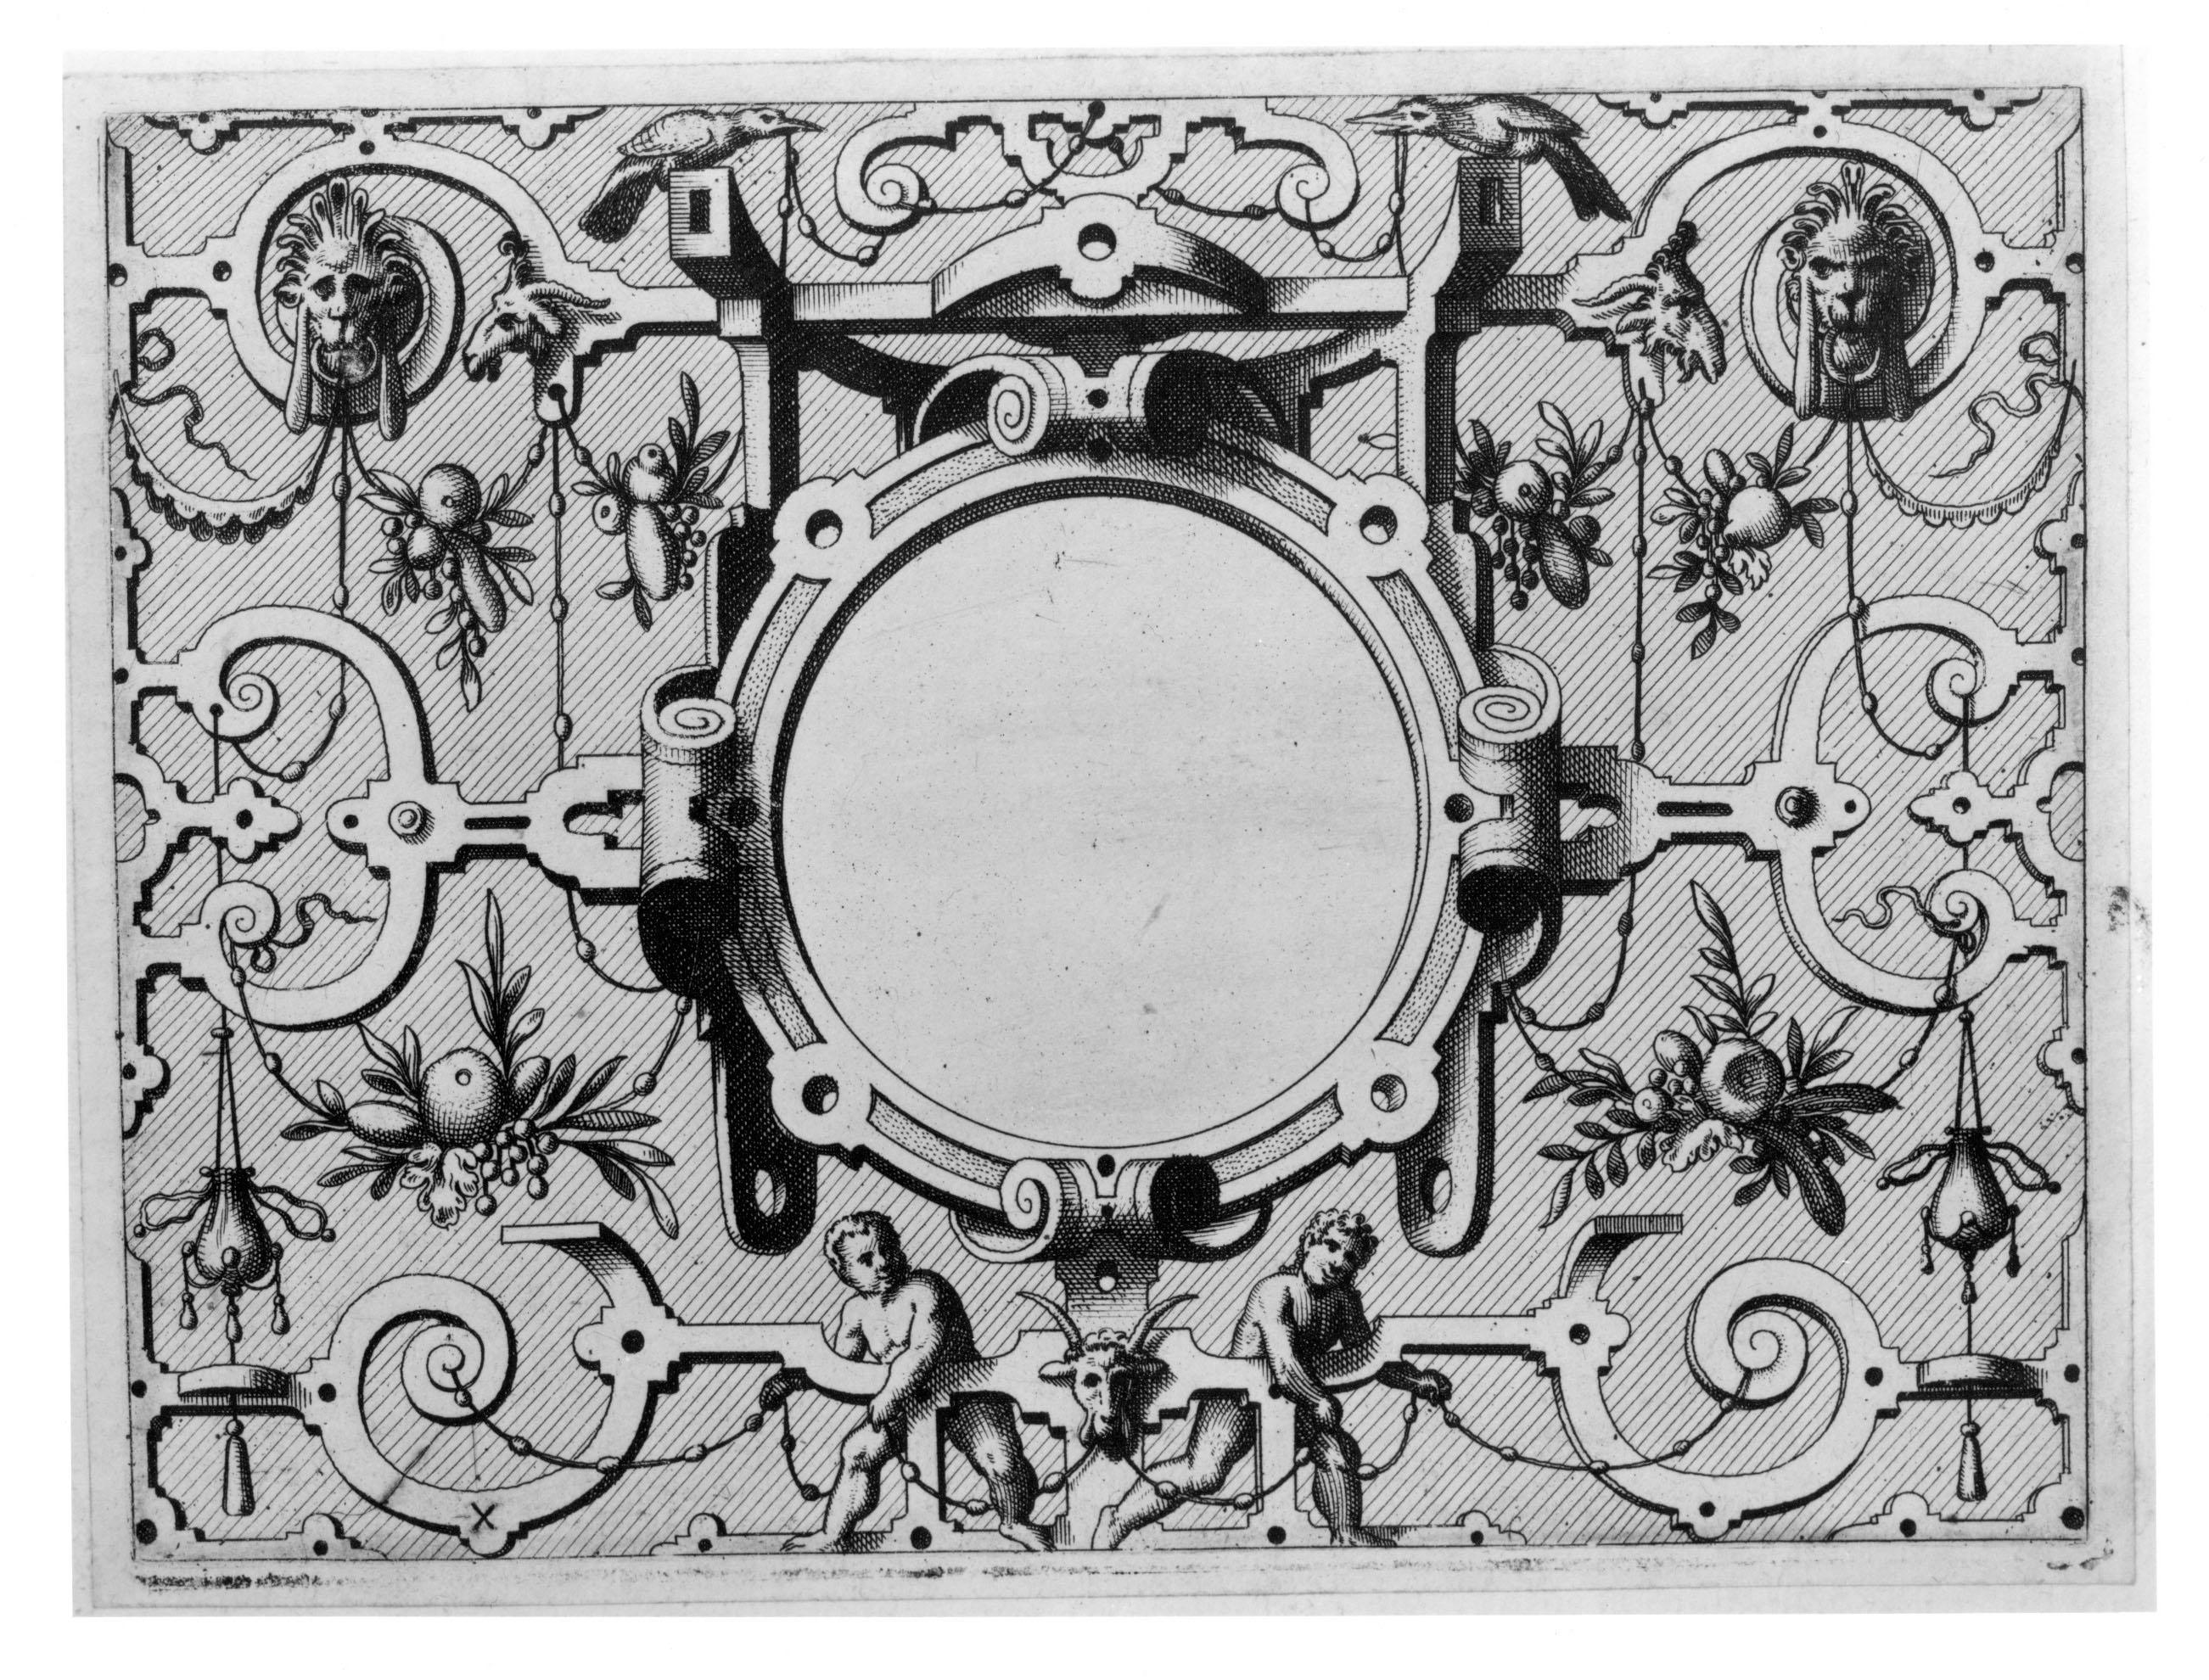 Hans Vredeman de Vries, 16th c